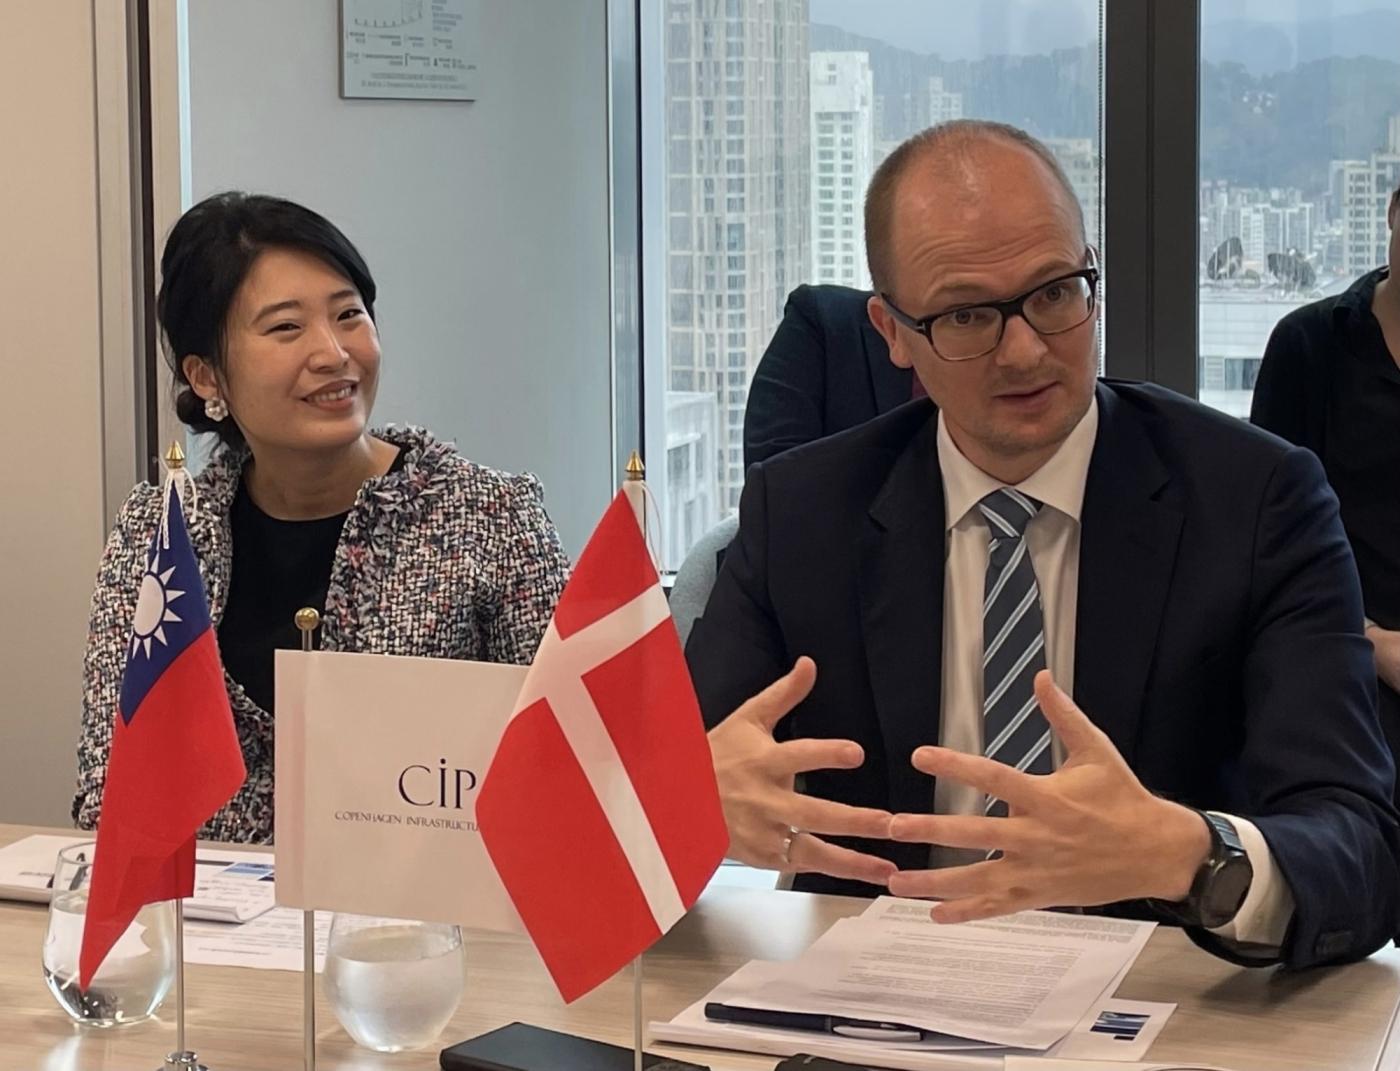 丹麥風電商CIP曝6處新離岸風場計畫,CEO為何倡議推浮動式風機?